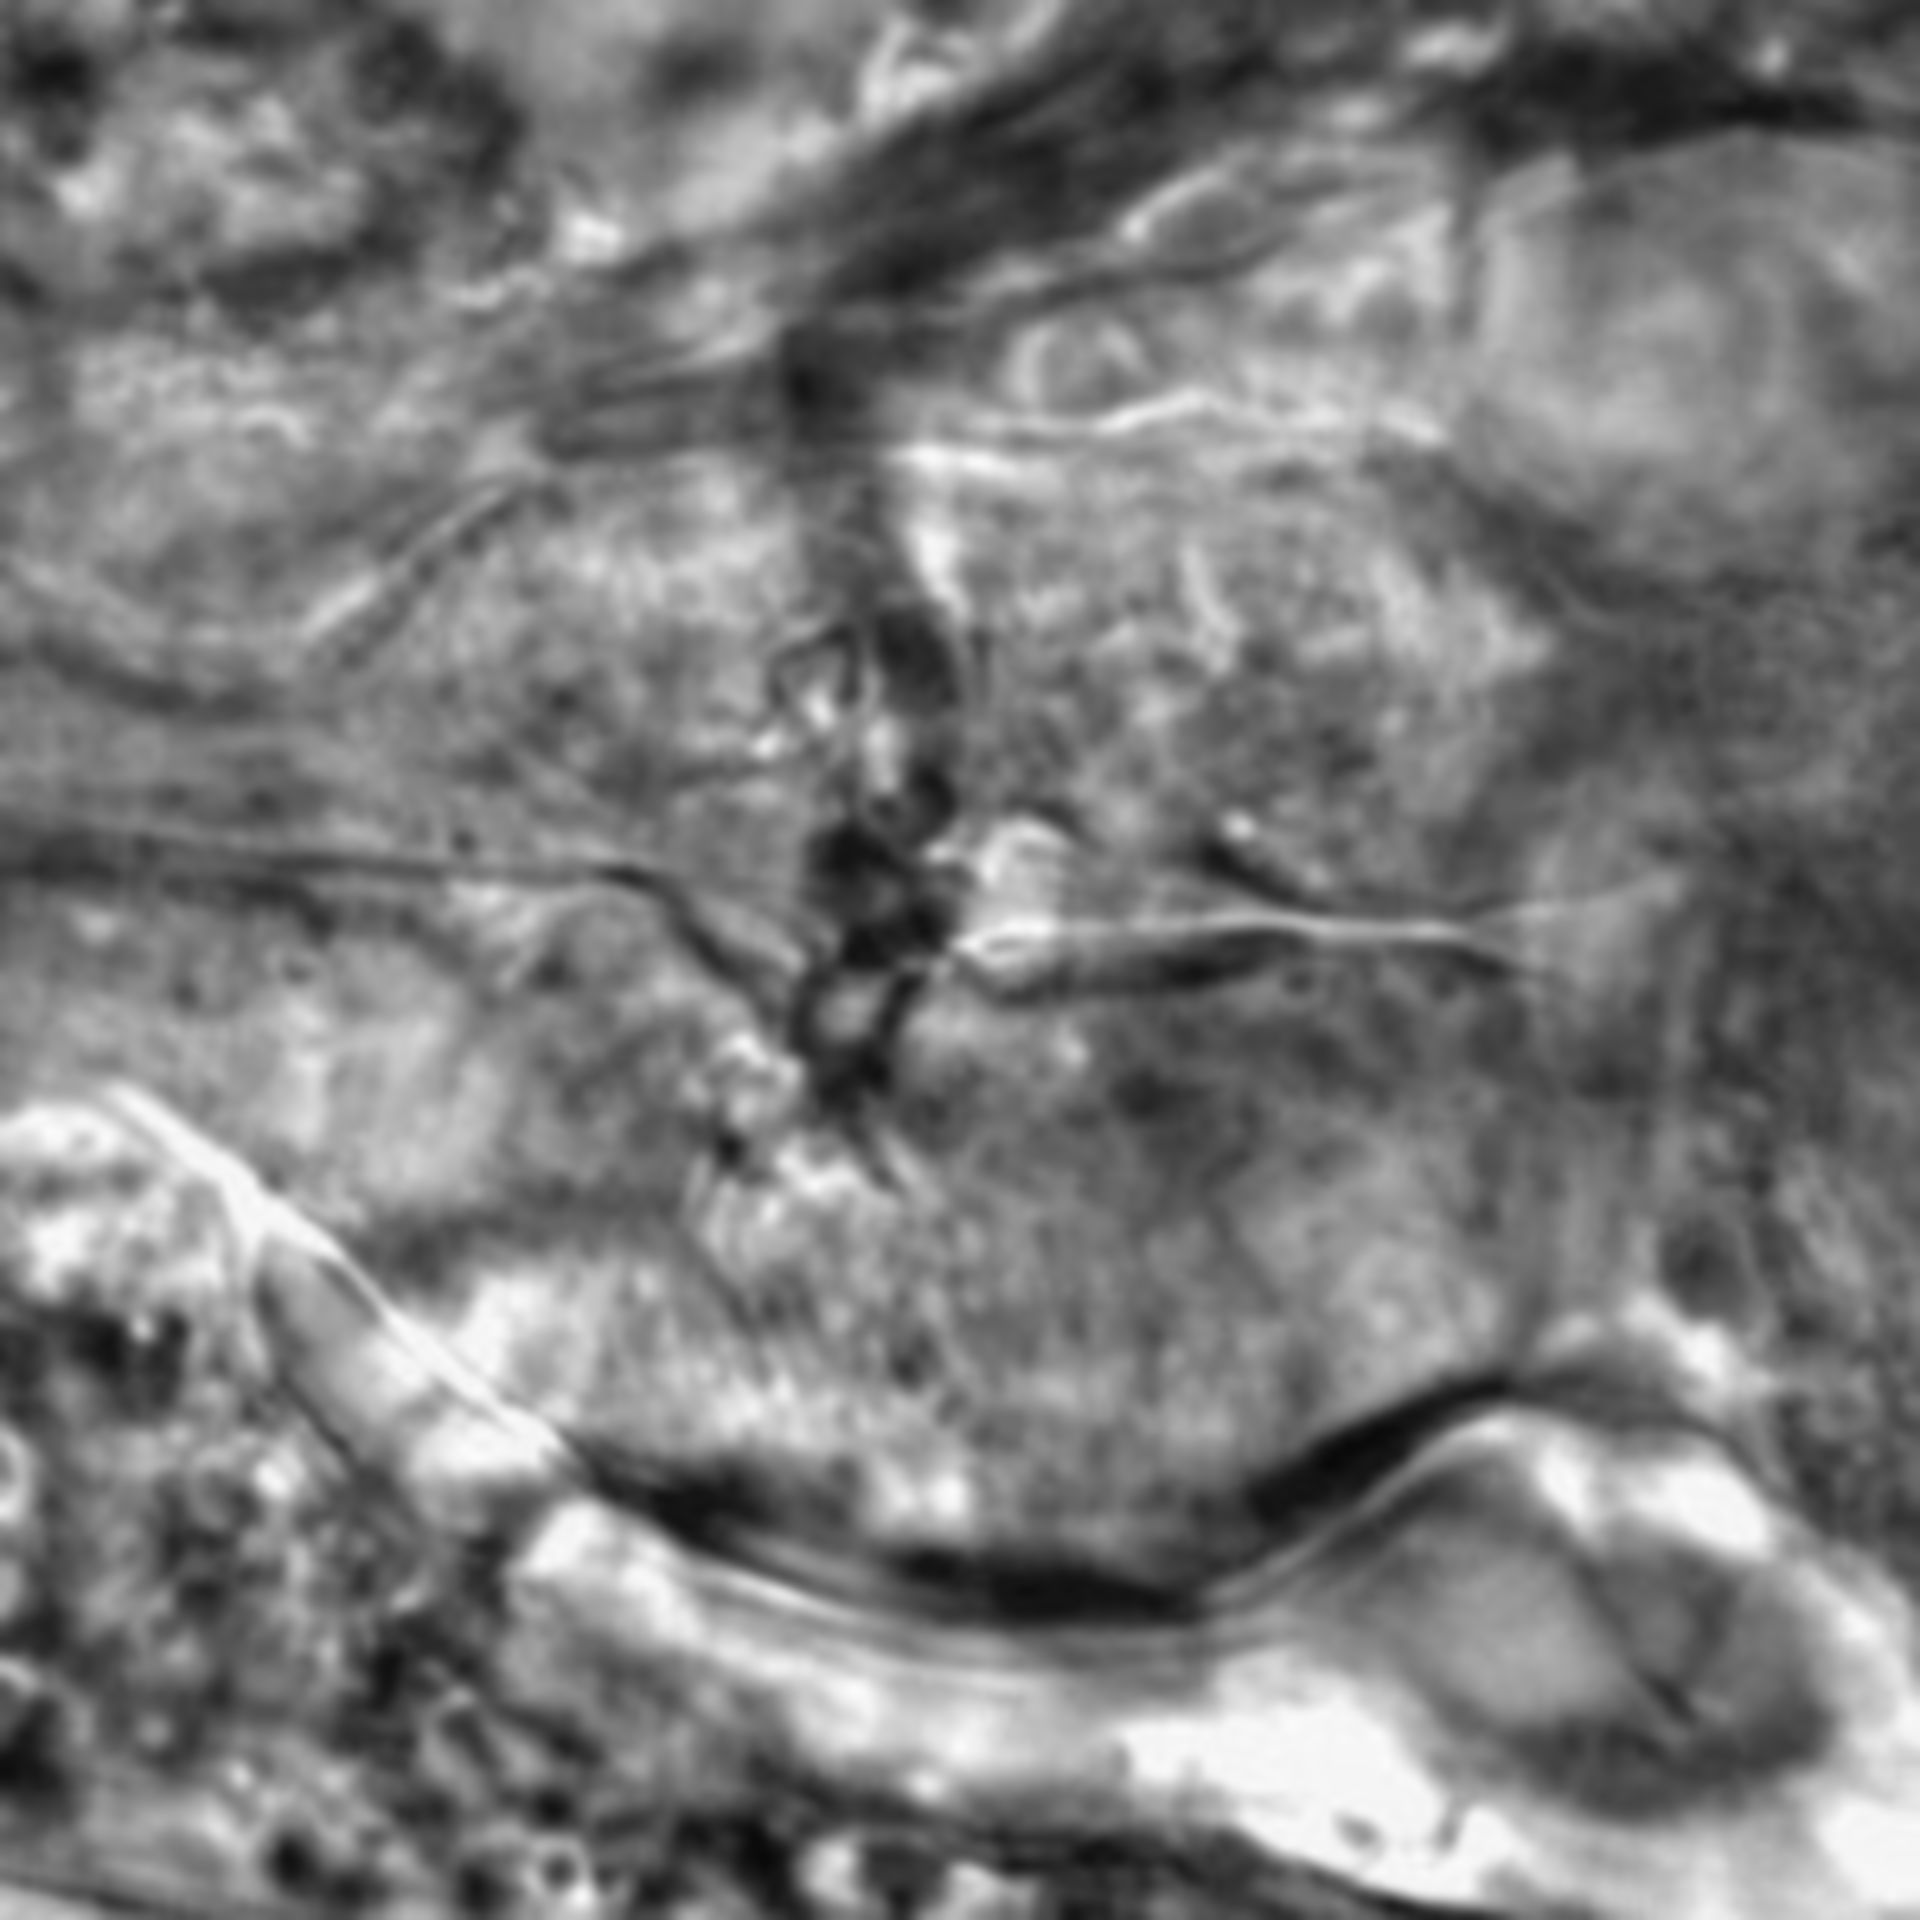 Caenorhabditis elegans - CIL:1926